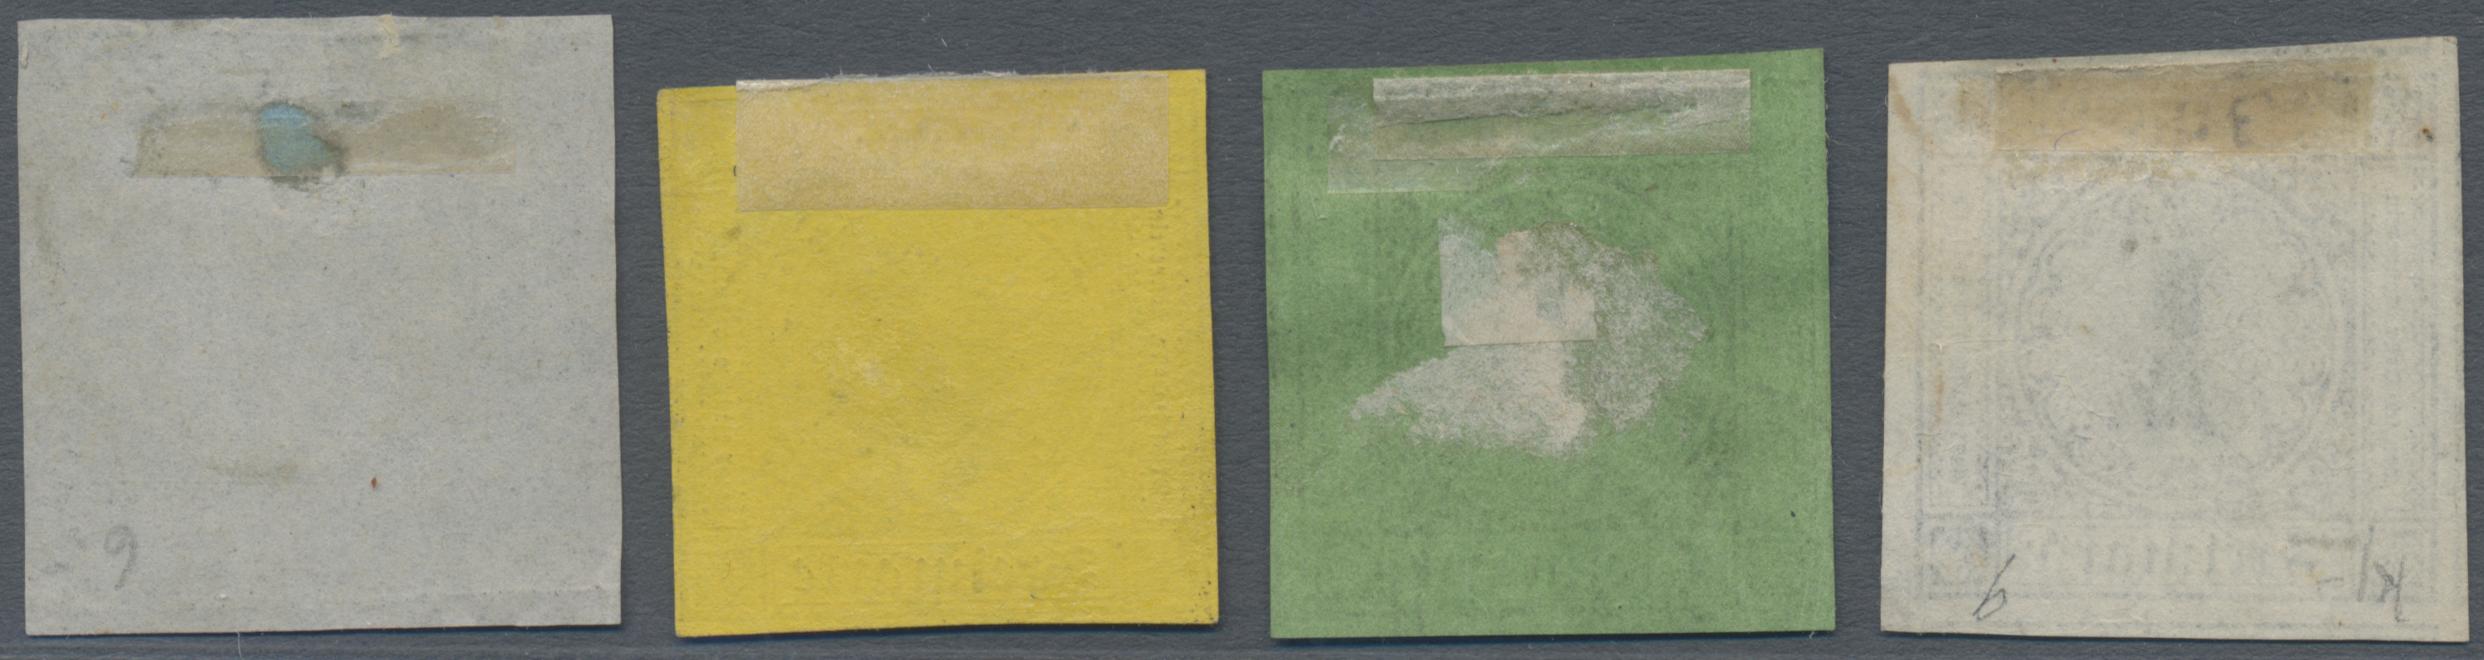 Lot 05007 - Baden - Marken und Briefe  -  Auktionshaus Christoph Gärtner GmbH & Co. KG 51th Auction - Day 3